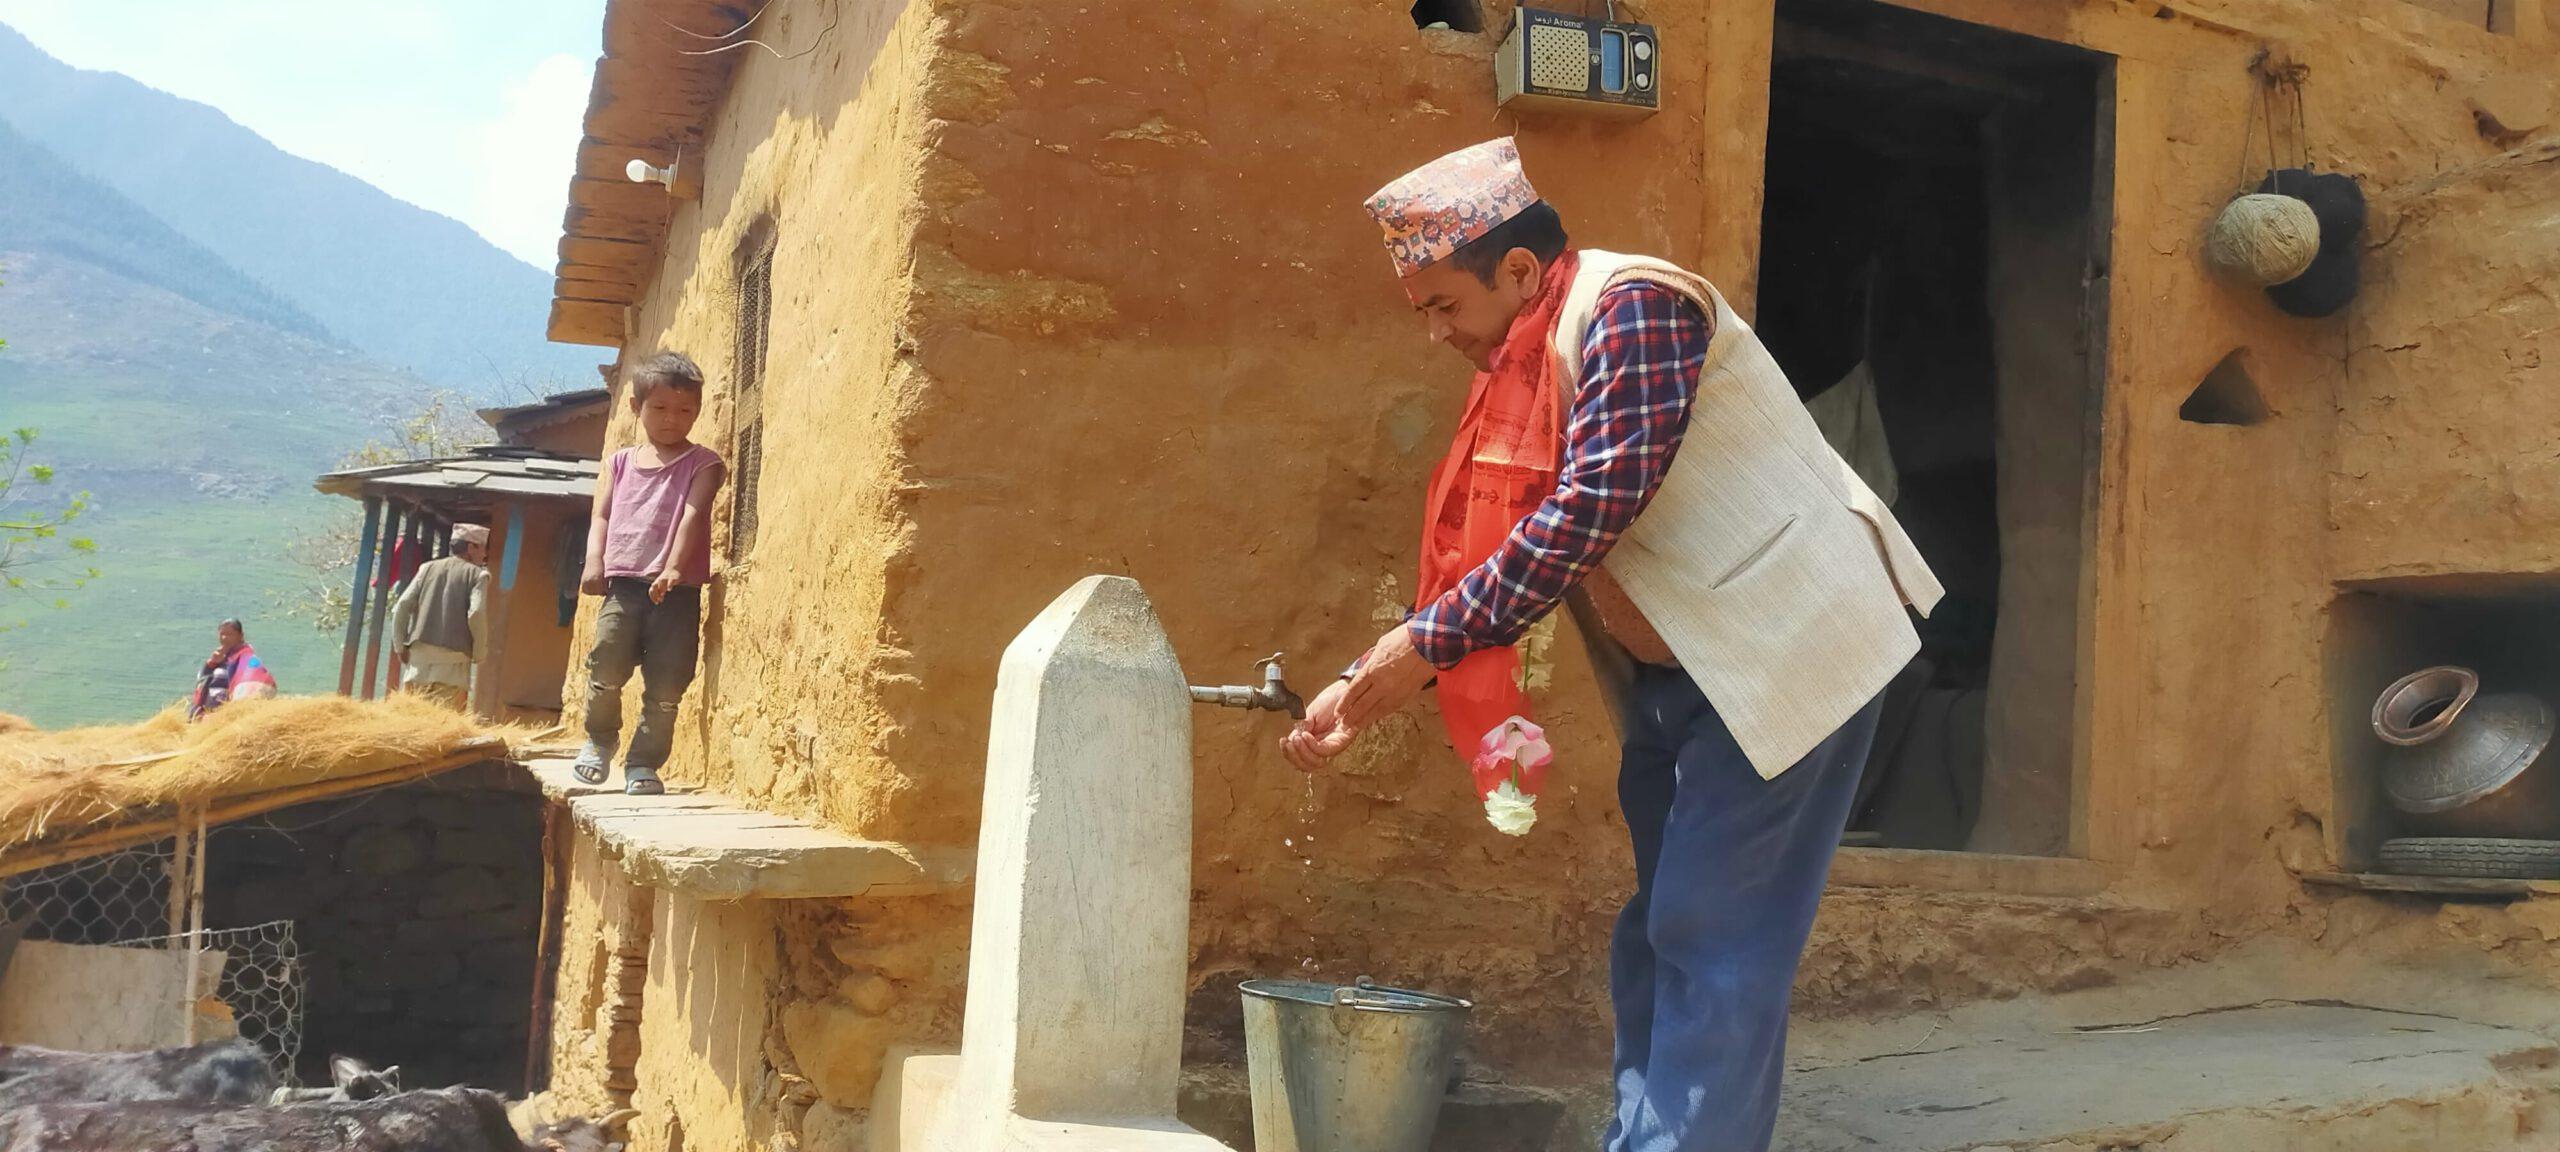 घर–घरमै धाराः हट्यो डोकोमा पानी बोक्ने दुःख